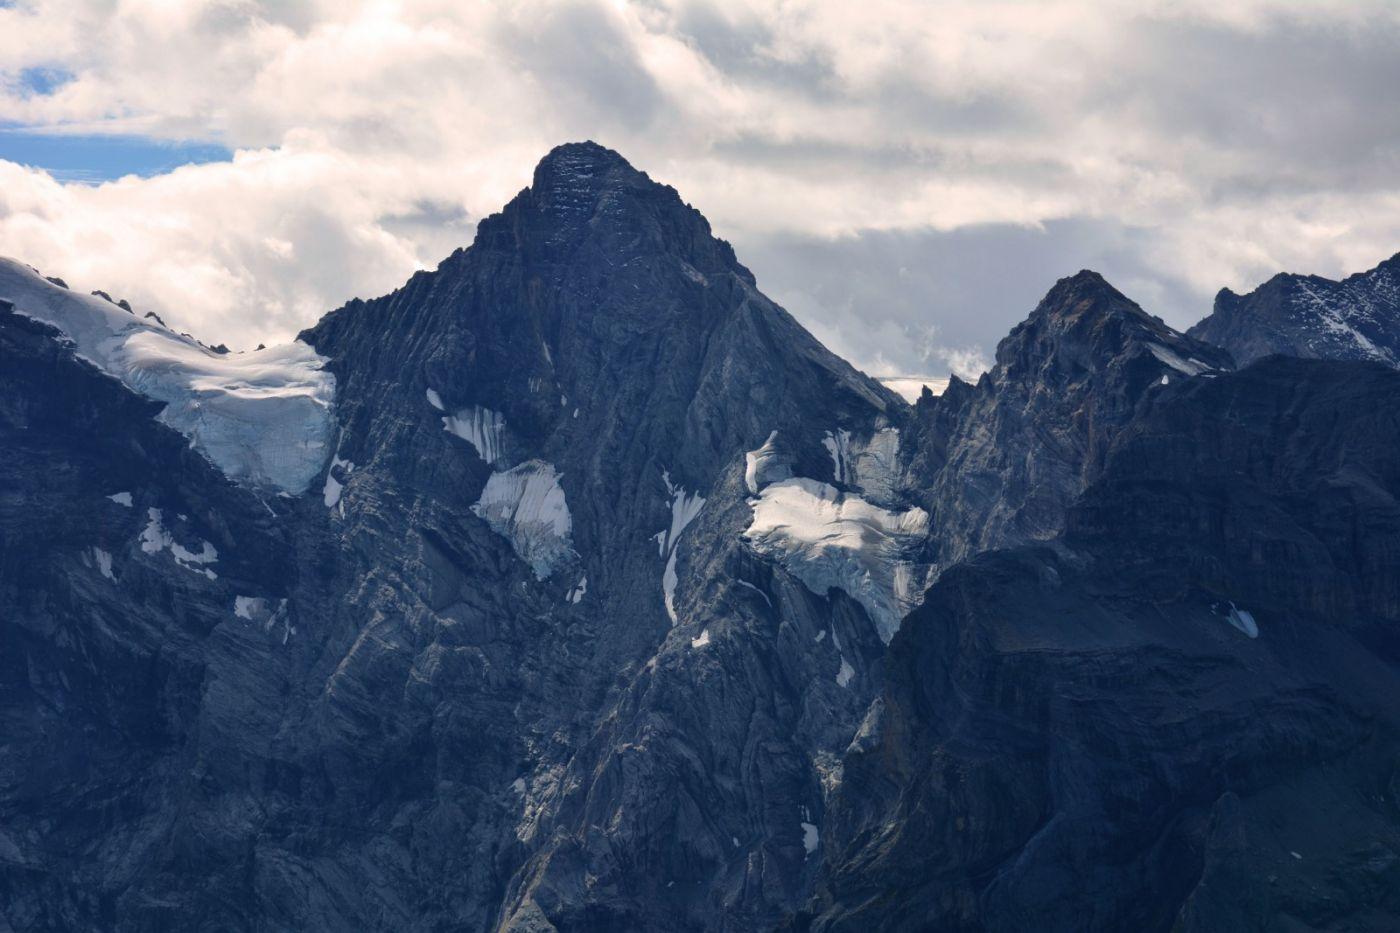 登上阿尔卑斯山遥望少女、勃朗峰_图1-11